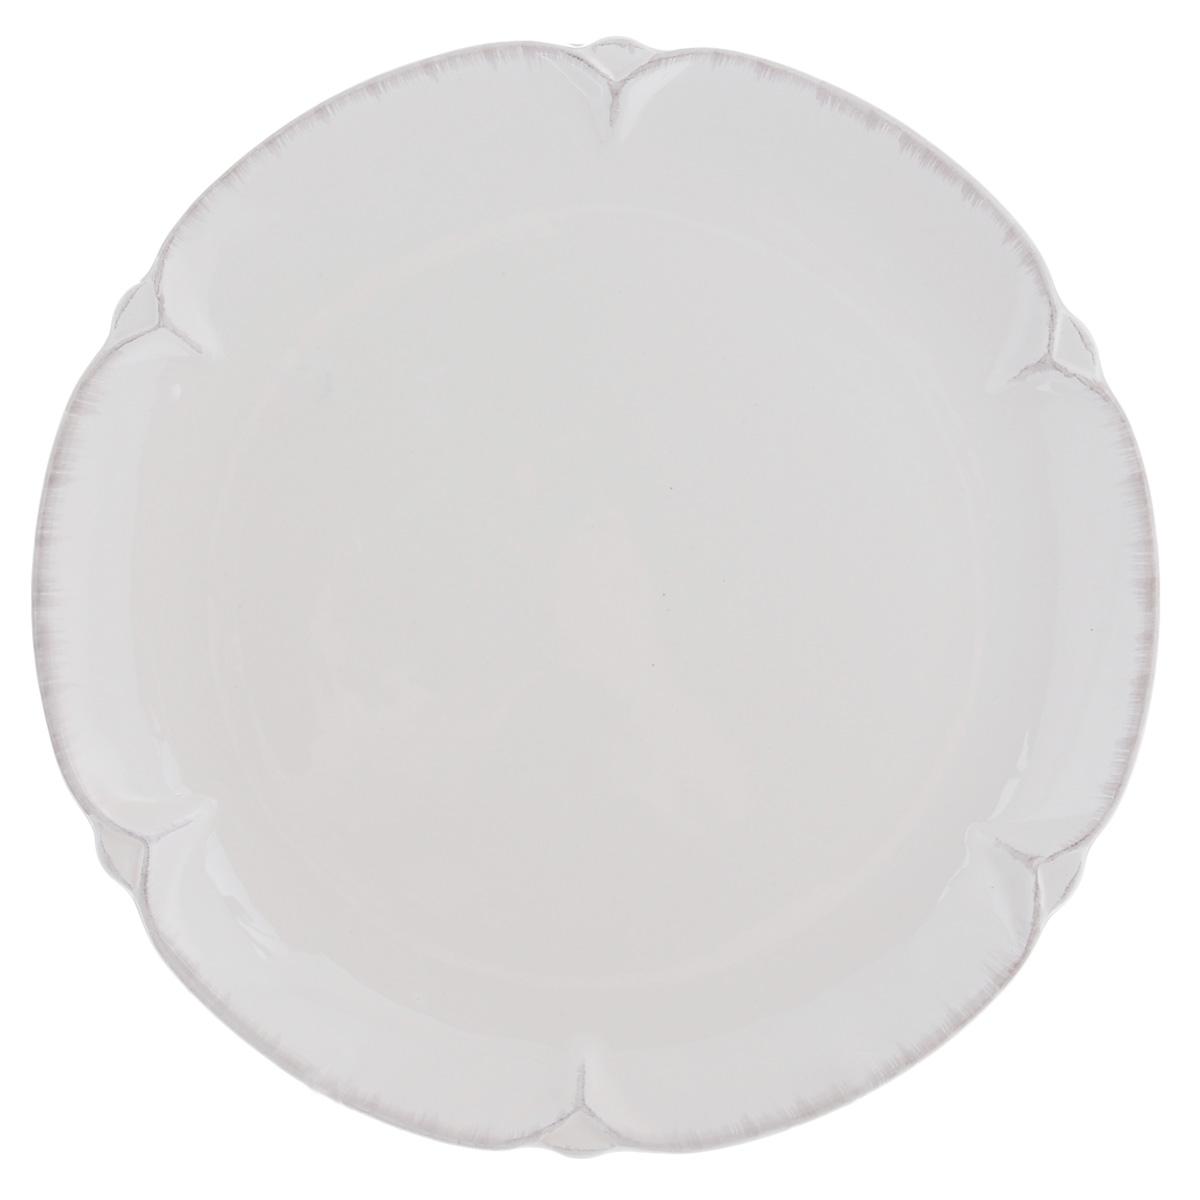 Тарелка Lillo Ideal, цвет: молочный, диаметр 26 см115510Тарелка Lillo Ideal прекрасно подойдет для сервировки вторых блюд. Изделие изготовлено из керамики и оснащено рельефными неровными краями. Такое оформление придется по вкусу и ценителям классики, и тем, кто предпочитает утонченность и изысканность. Тарелка Lillo Ideal украсит сервировку вашего стола и подчеркнет прекрасный вкус хозяина, а также станет отличным подарком. Можно использовать в посудомоечной машине и микроволновой печи. Диаметр тарелки: 26 см.Высота тарелки: 2,5 см.